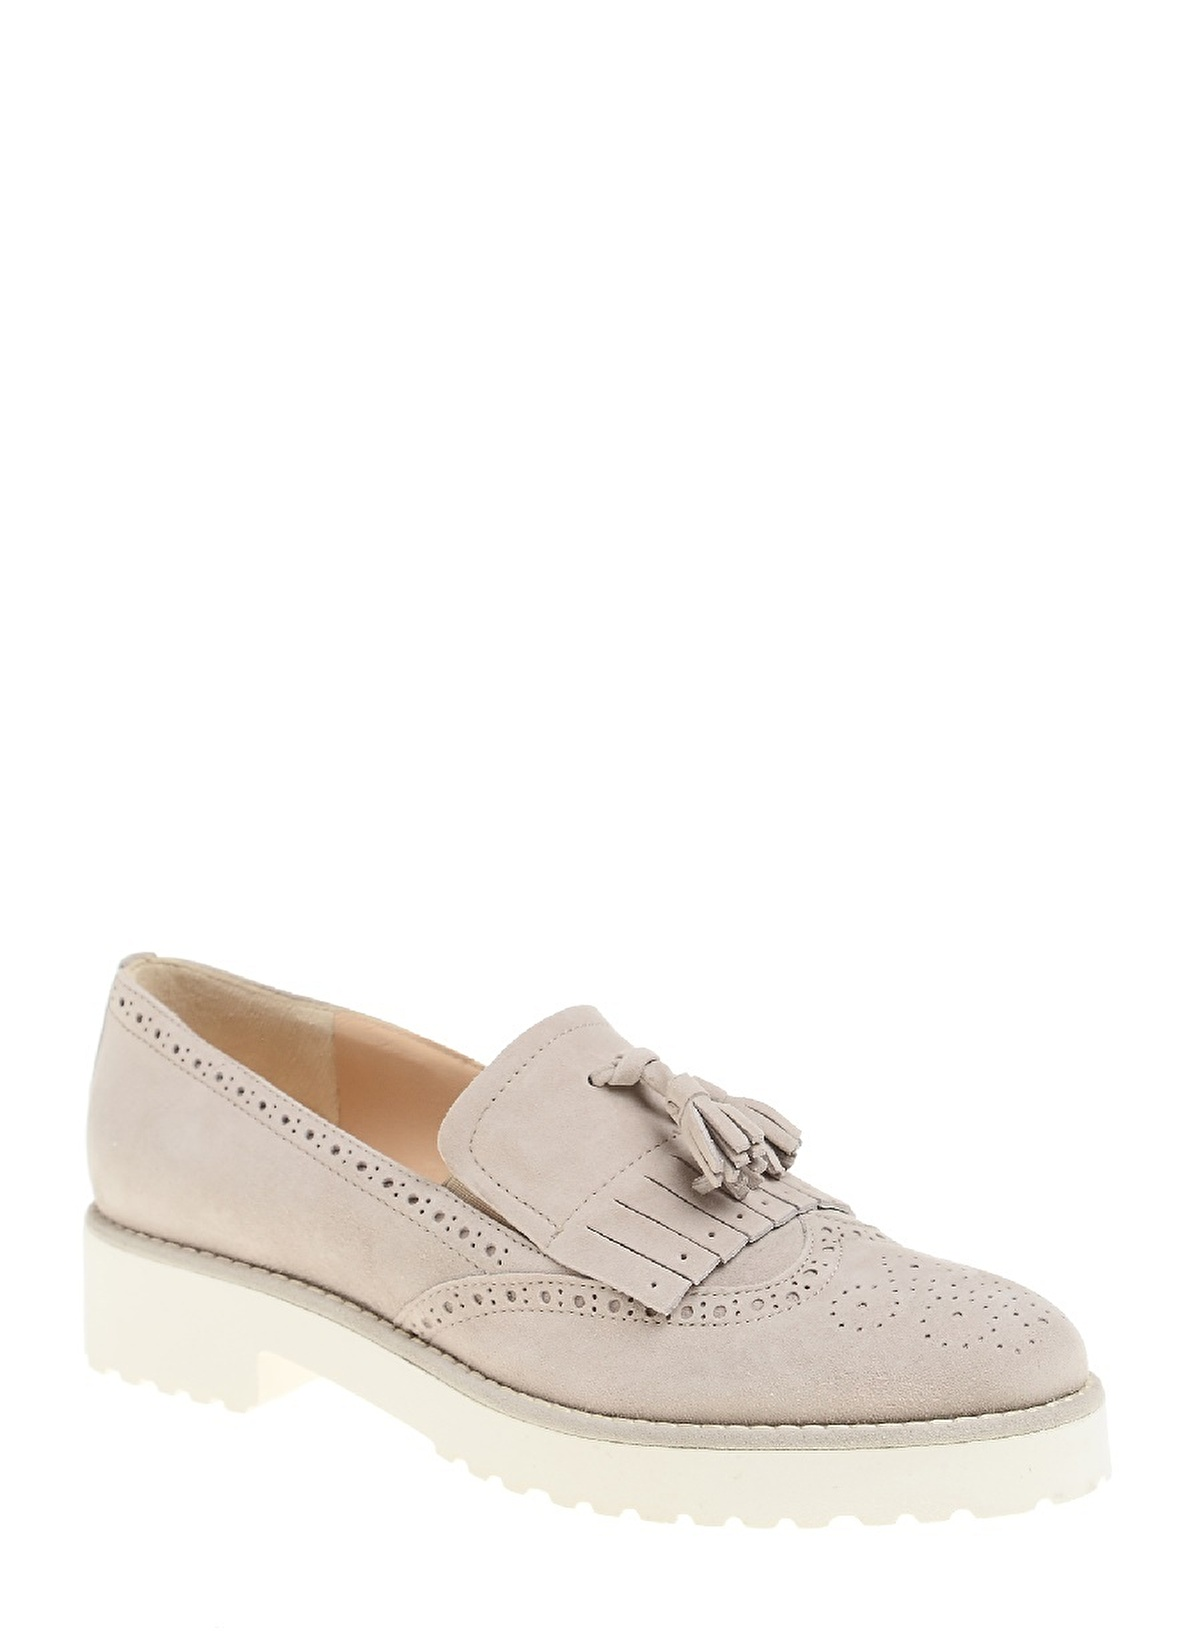 Divarese Püsküllü Oxford Ayakkabı 5019767 K Ayakkabı – 438.0 TL